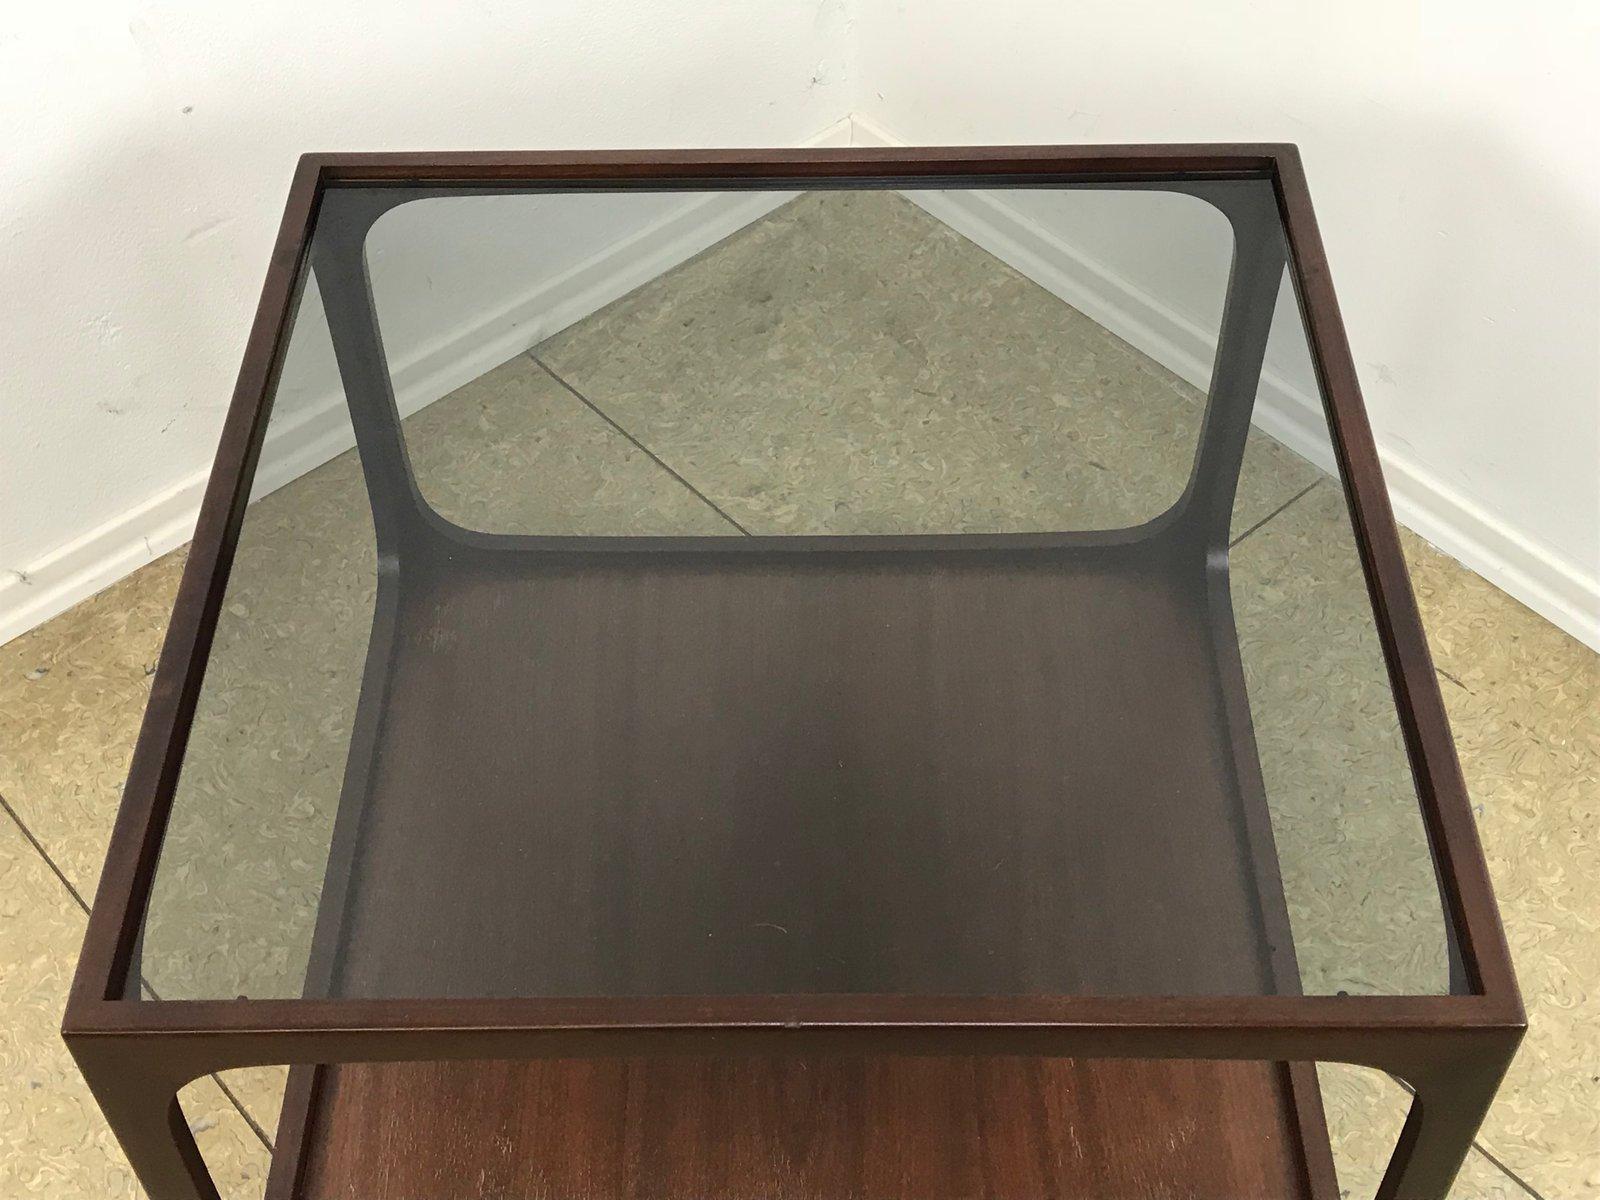 couchtisch aus glas und mahagoni von wilhelm renz 1960er. Black Bedroom Furniture Sets. Home Design Ideas